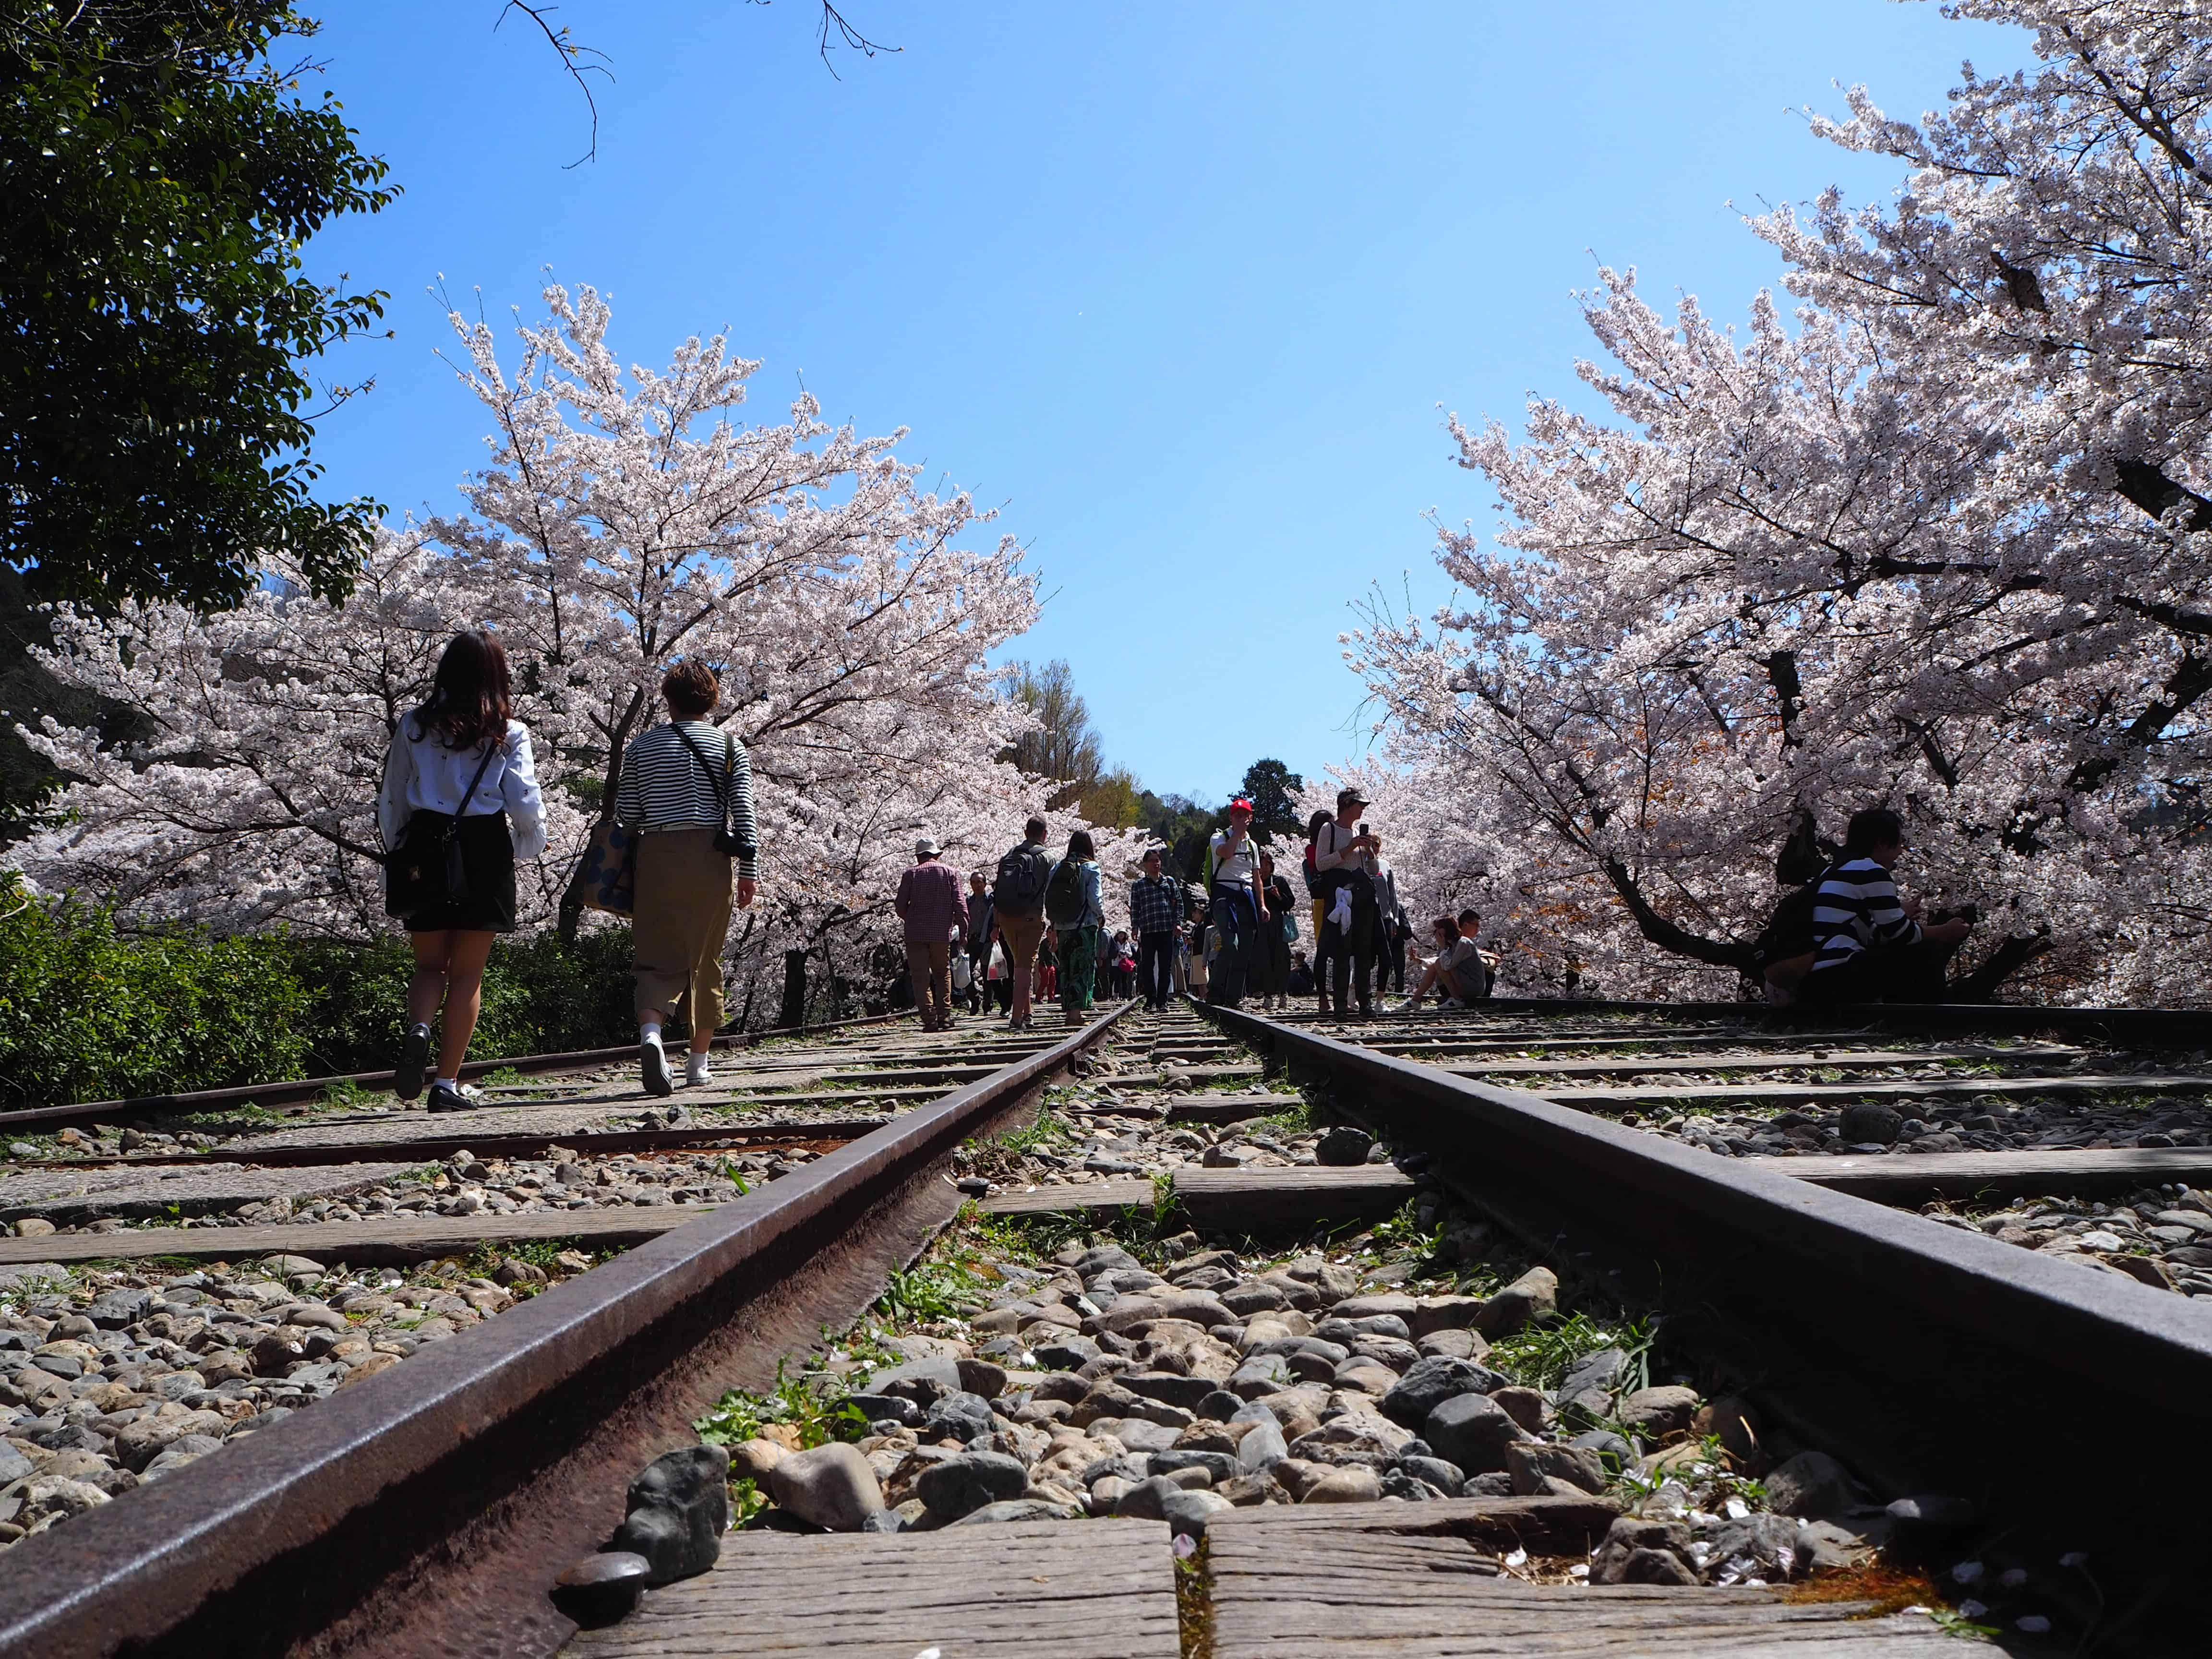 la voie ferrée sous un autre angle